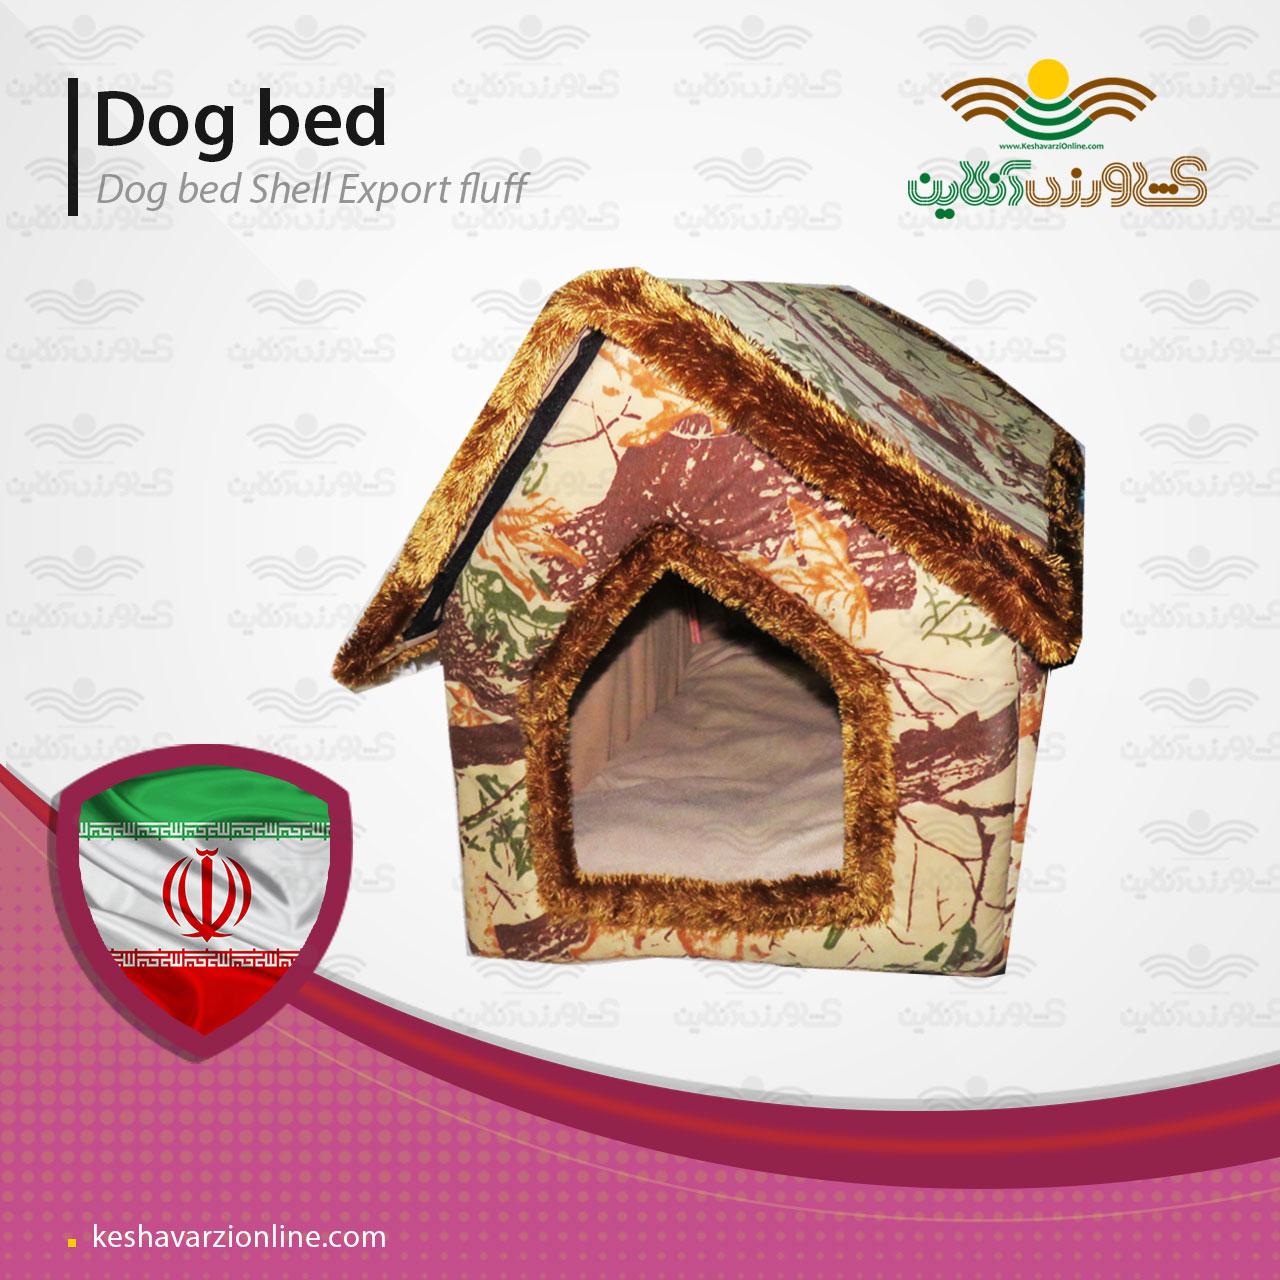 پت شاپ جای خواب سگ کلبه مخمل صادراتی